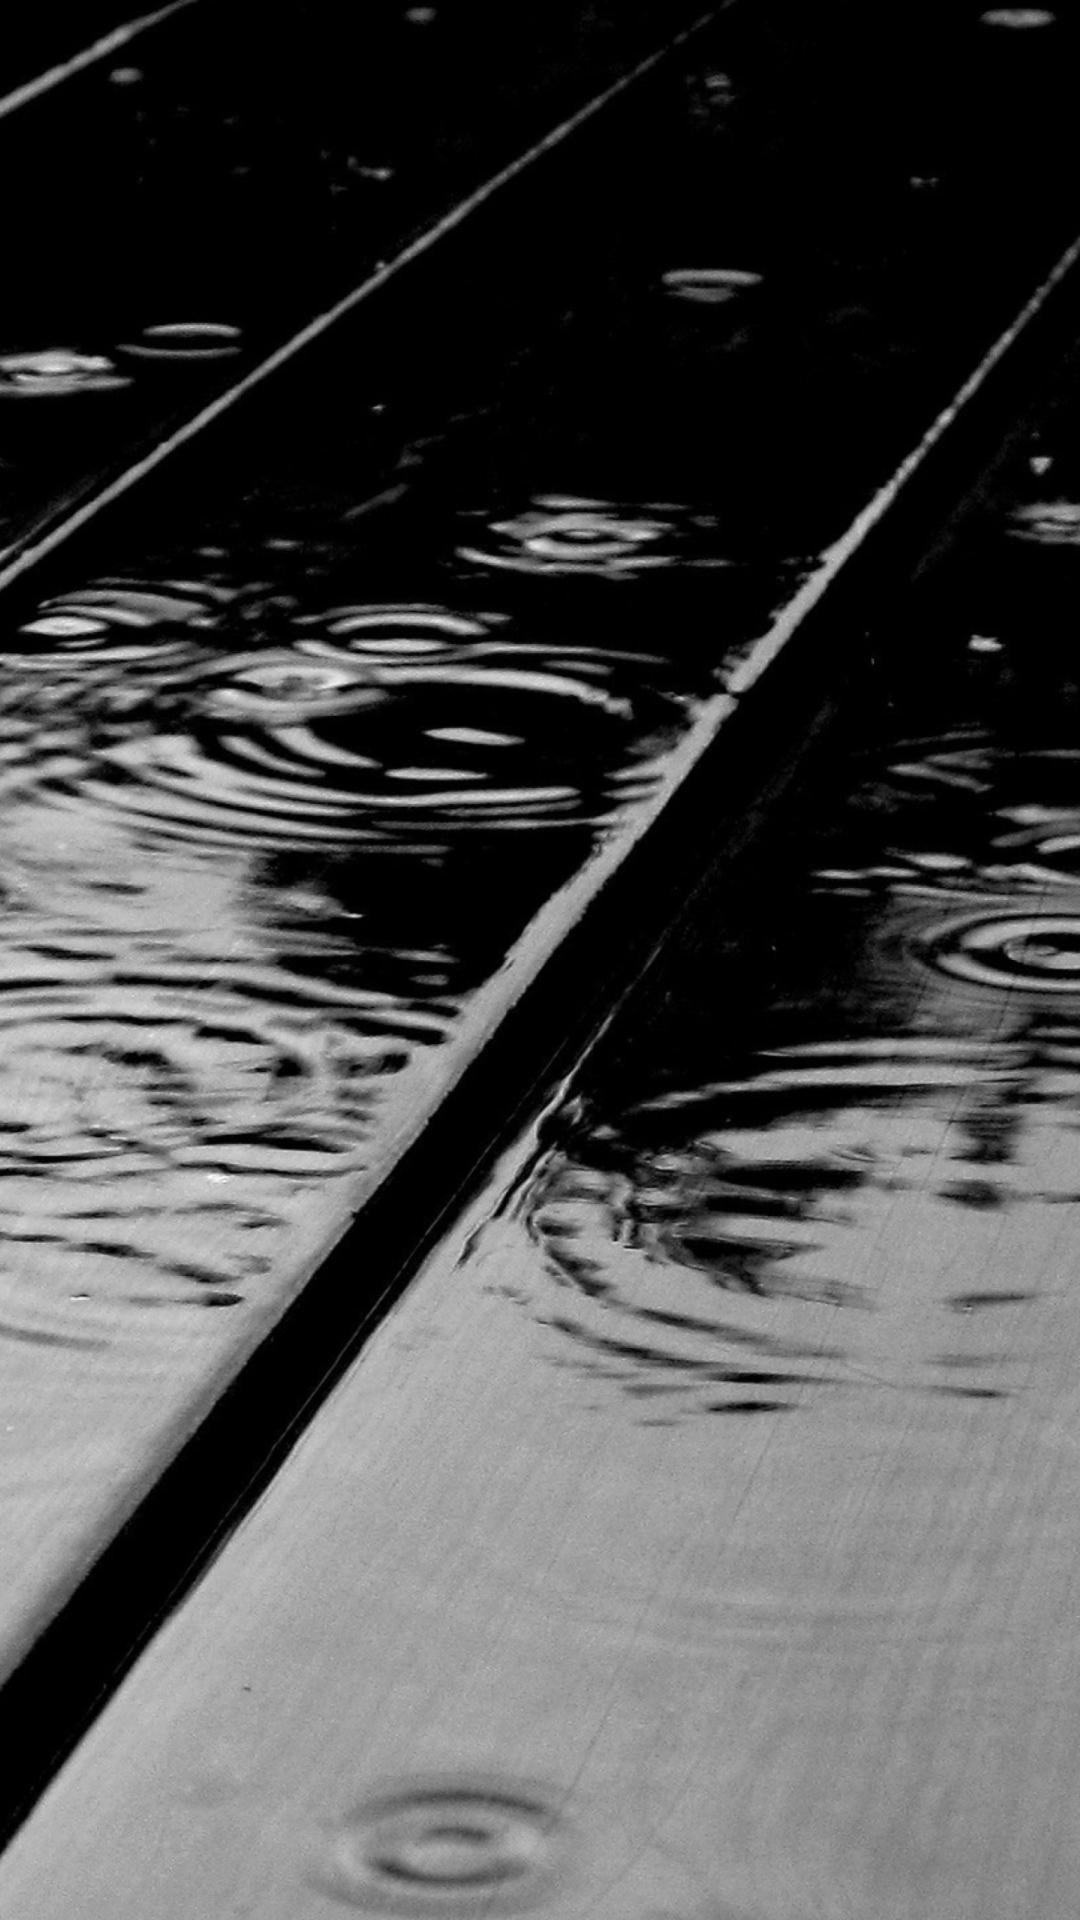 Dark Cozy Girl Wallpaper Wallpaper Wednesday Rain Sammobile Sammobile